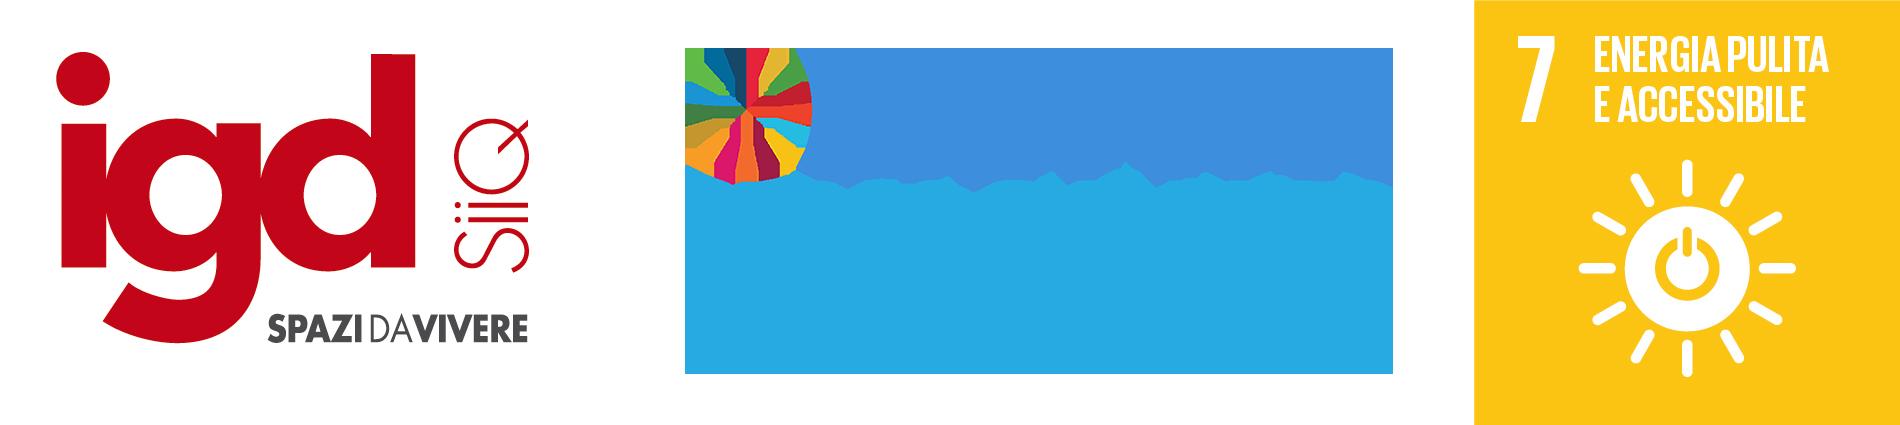 SDG_LOGO_it_7